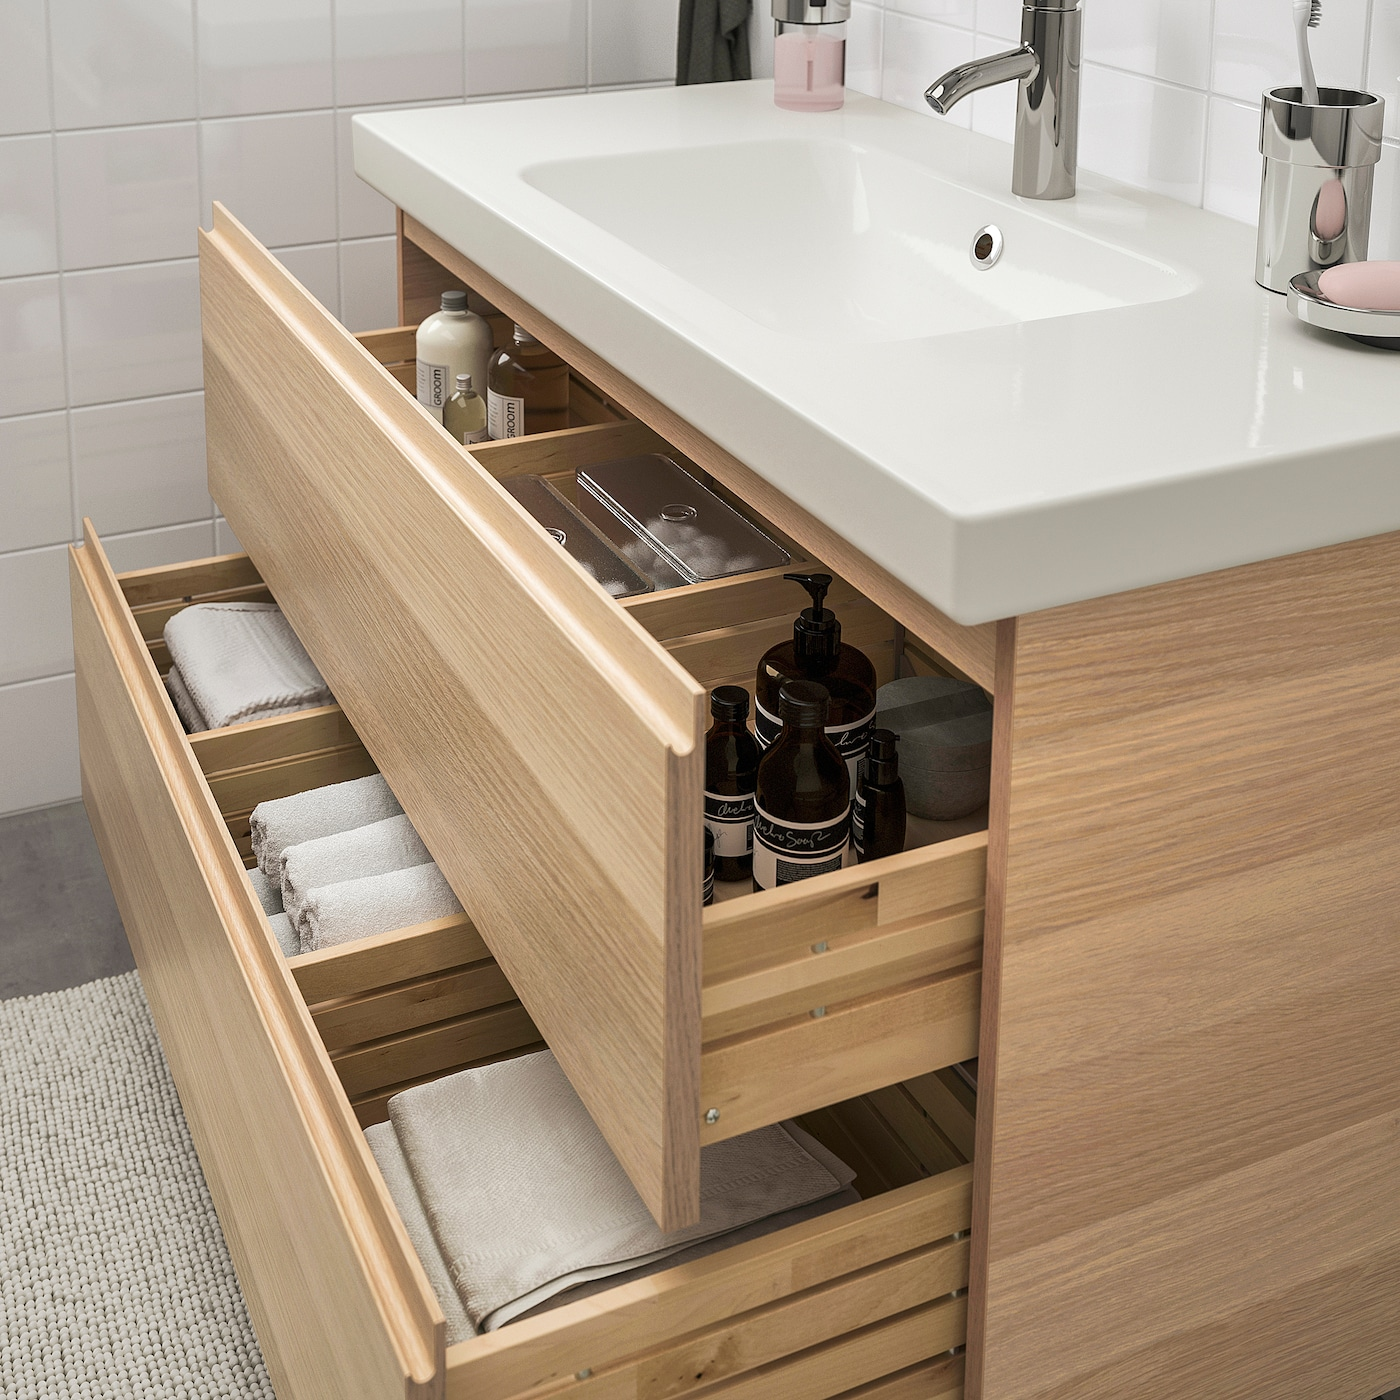 GODMORGON / ODENSVIK Mobilier salle de bain, 19 pièces - effet chêne  blanchi, Dalskär mitigeur lavabo 19 cm